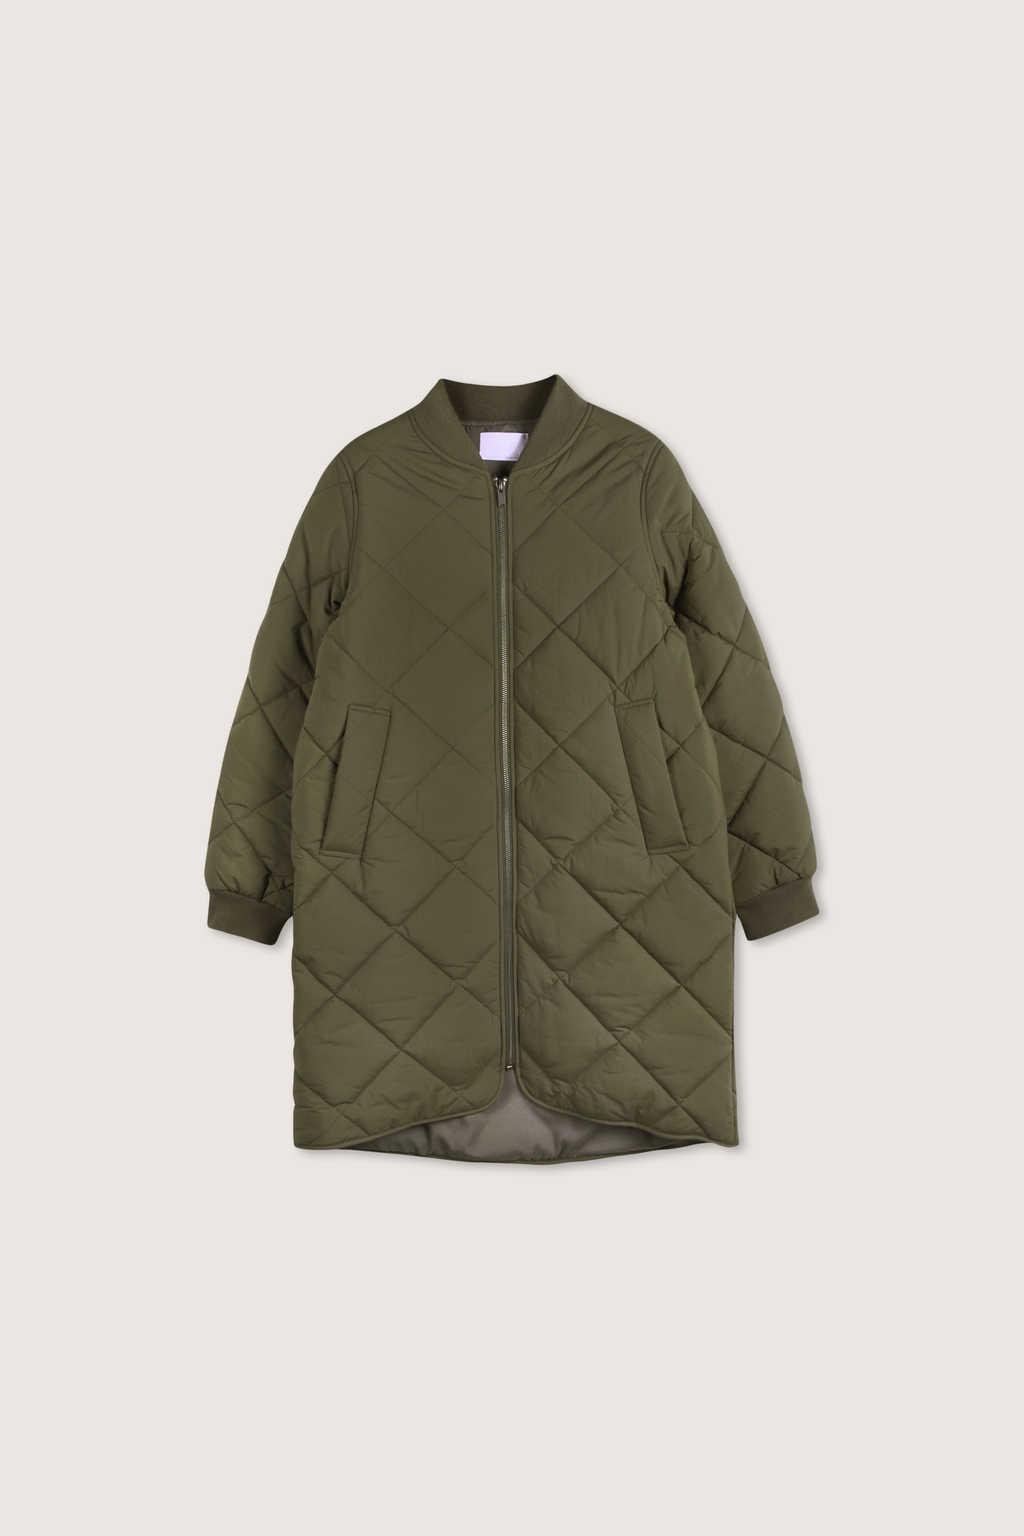 Jacket 1944 Olive 6